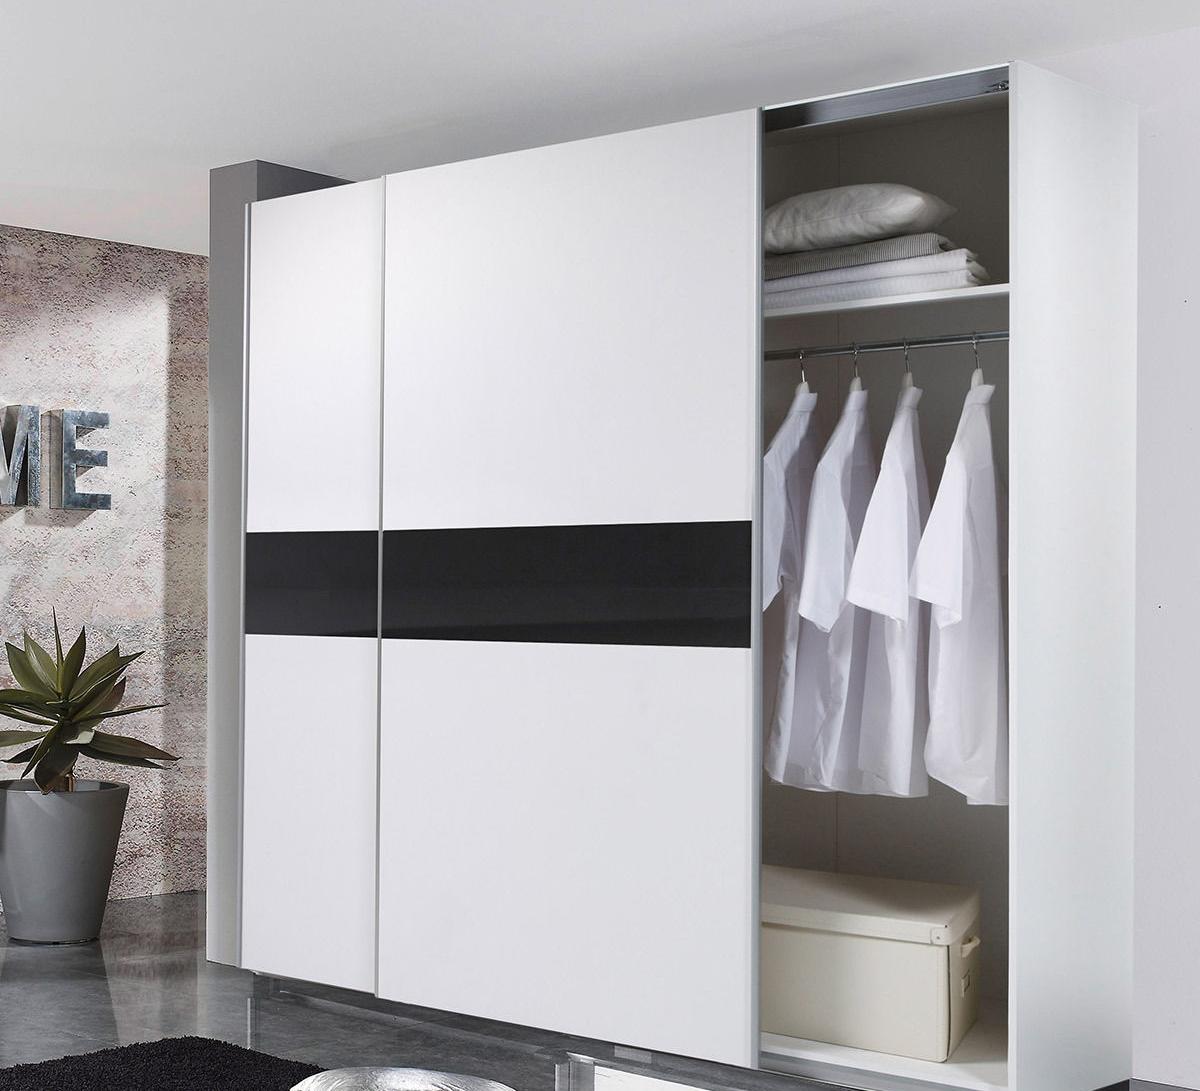 Details zu Kleiderschrank VICTOR 2 Schwebetürenschrank Schrank Schlafzimmer  Weiß Schwarz